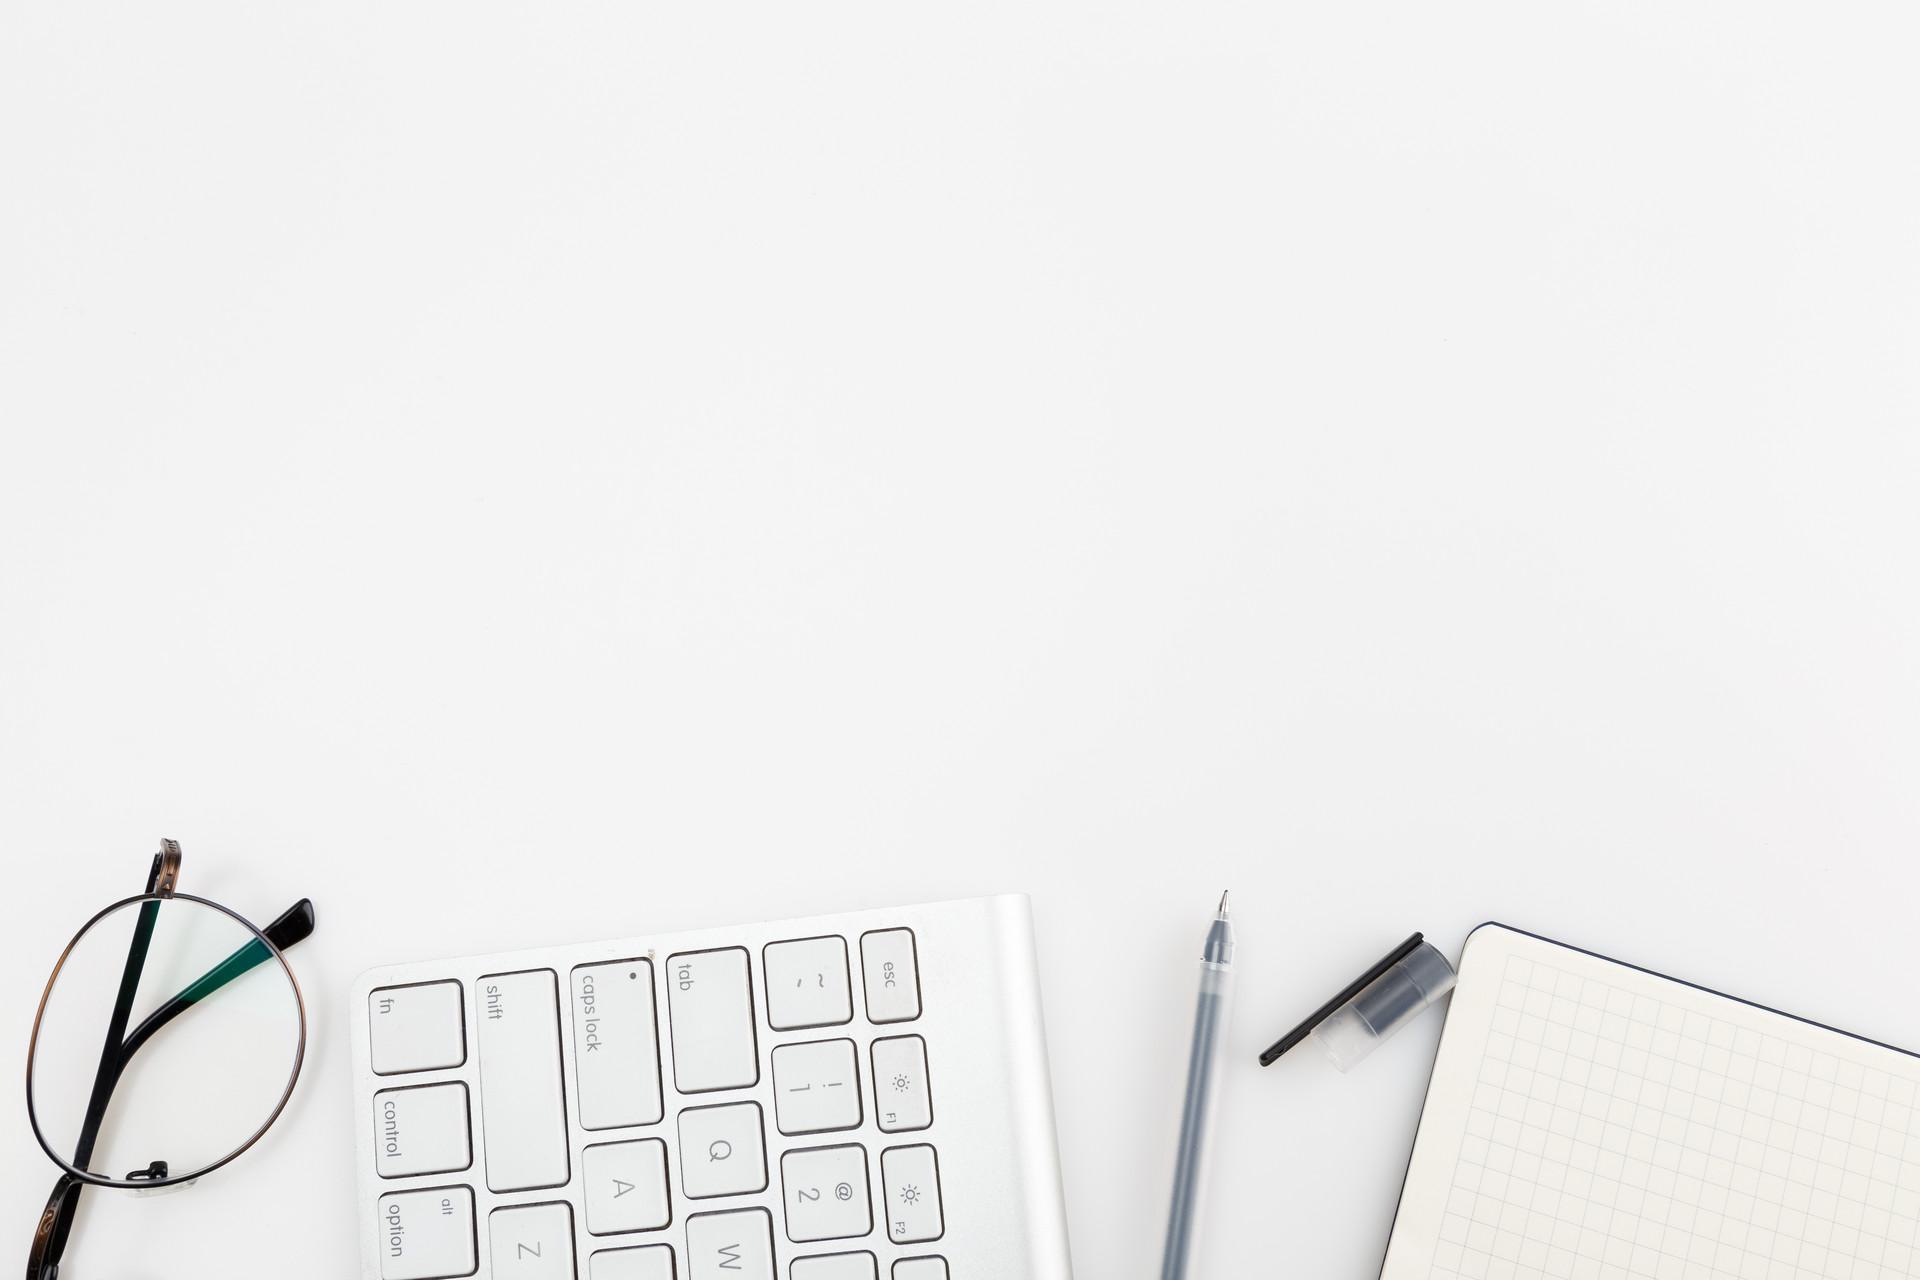 如何用微信群发工资条 帮助企业节省成本